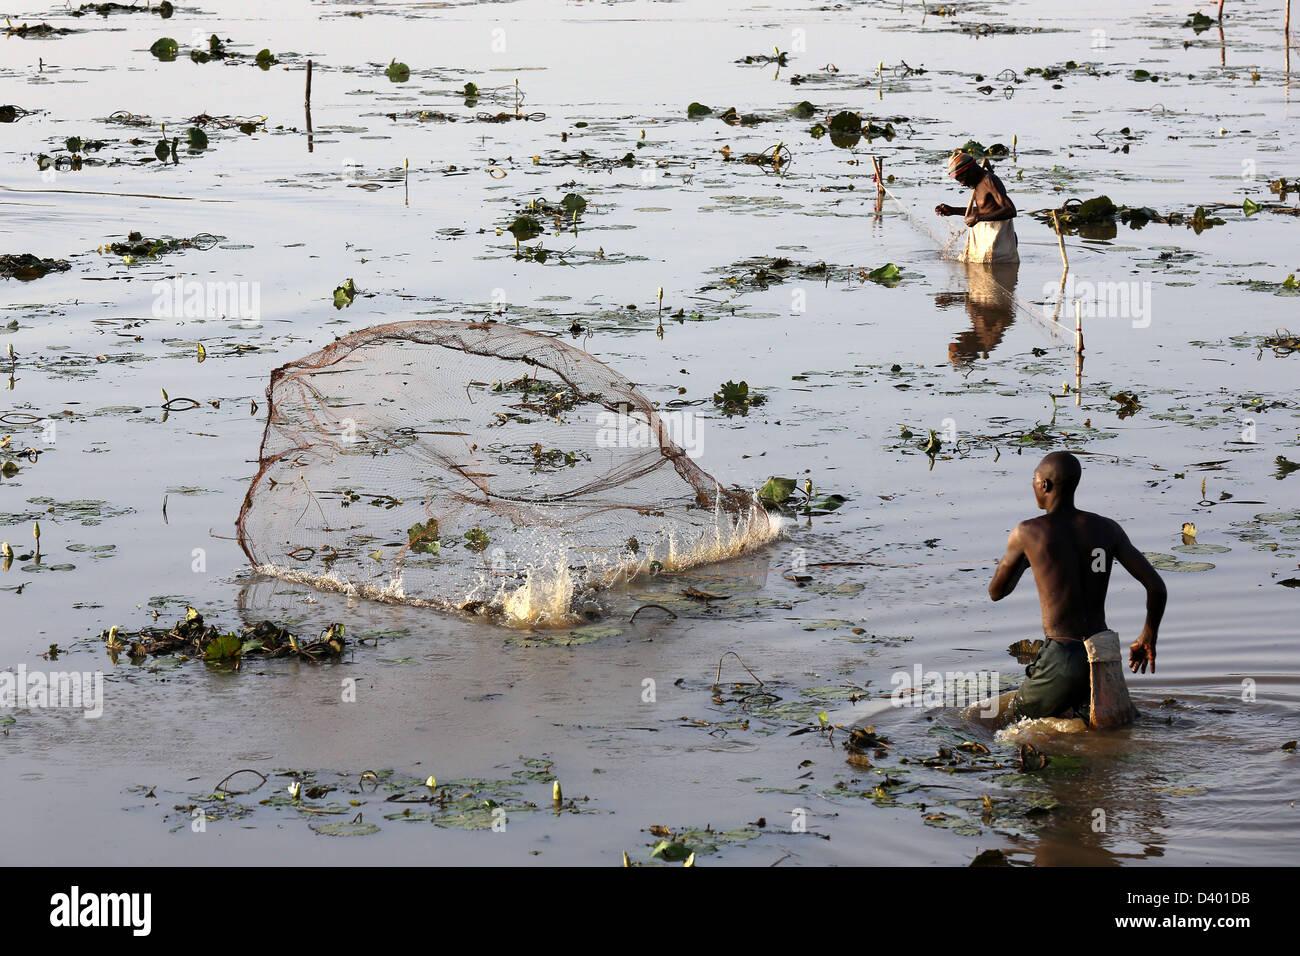 Afrikanische Männer Angeln werfen Besetzung Netto in einem See, Burkina Faso, Afrika Stockbild